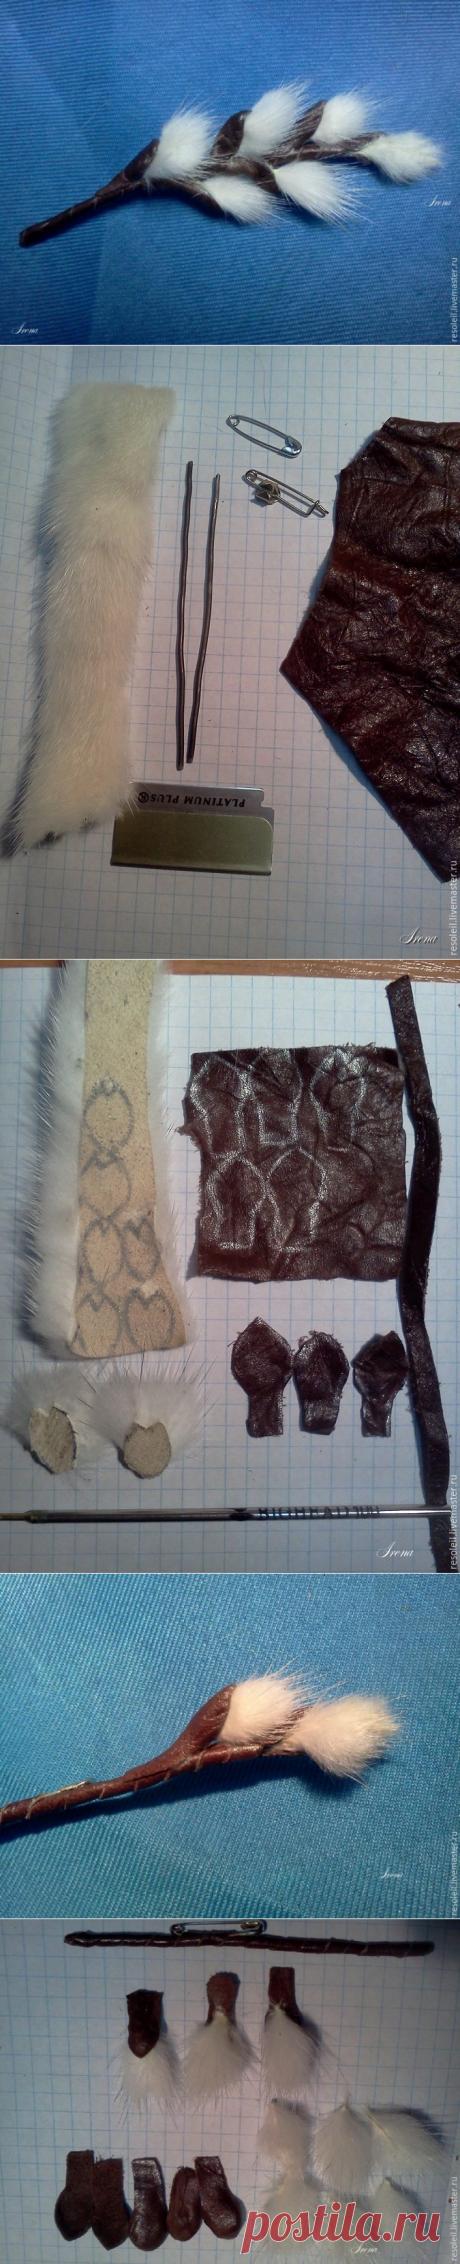 Мастер-класс: брошь «Вербочка» из меха и кожи: публикации и мастер-классы – Ярмарка Мастеров